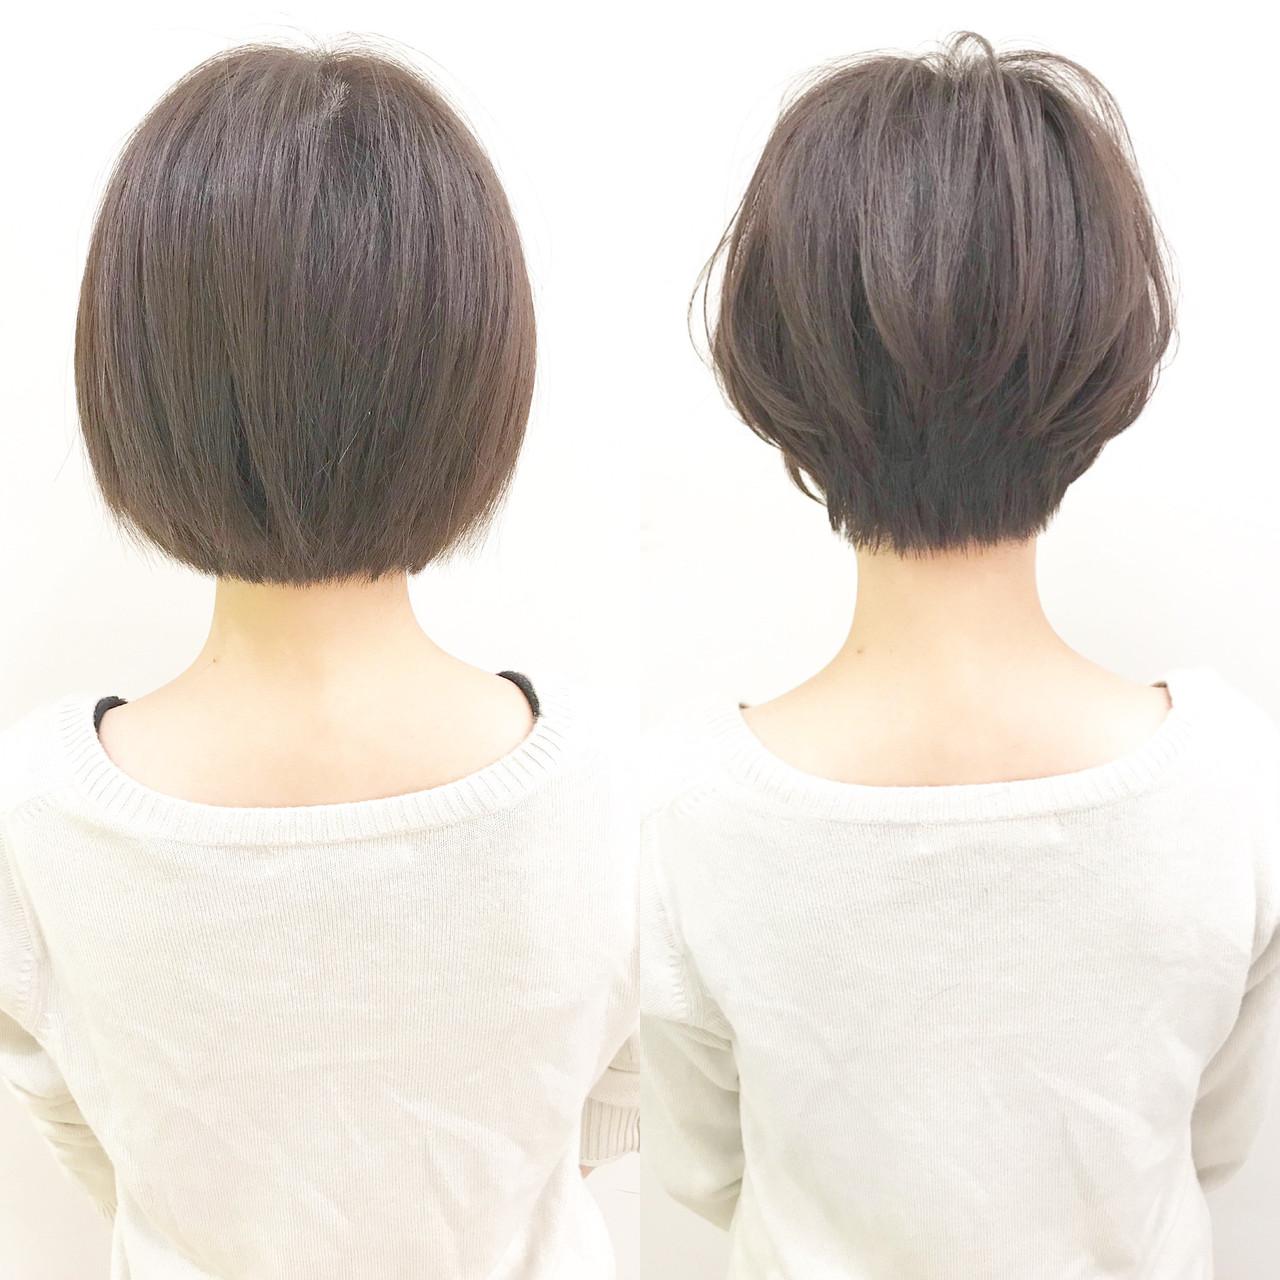 ショート パーマ 黒髪 アウトドア ヘアスタイルや髪型の写真・画像